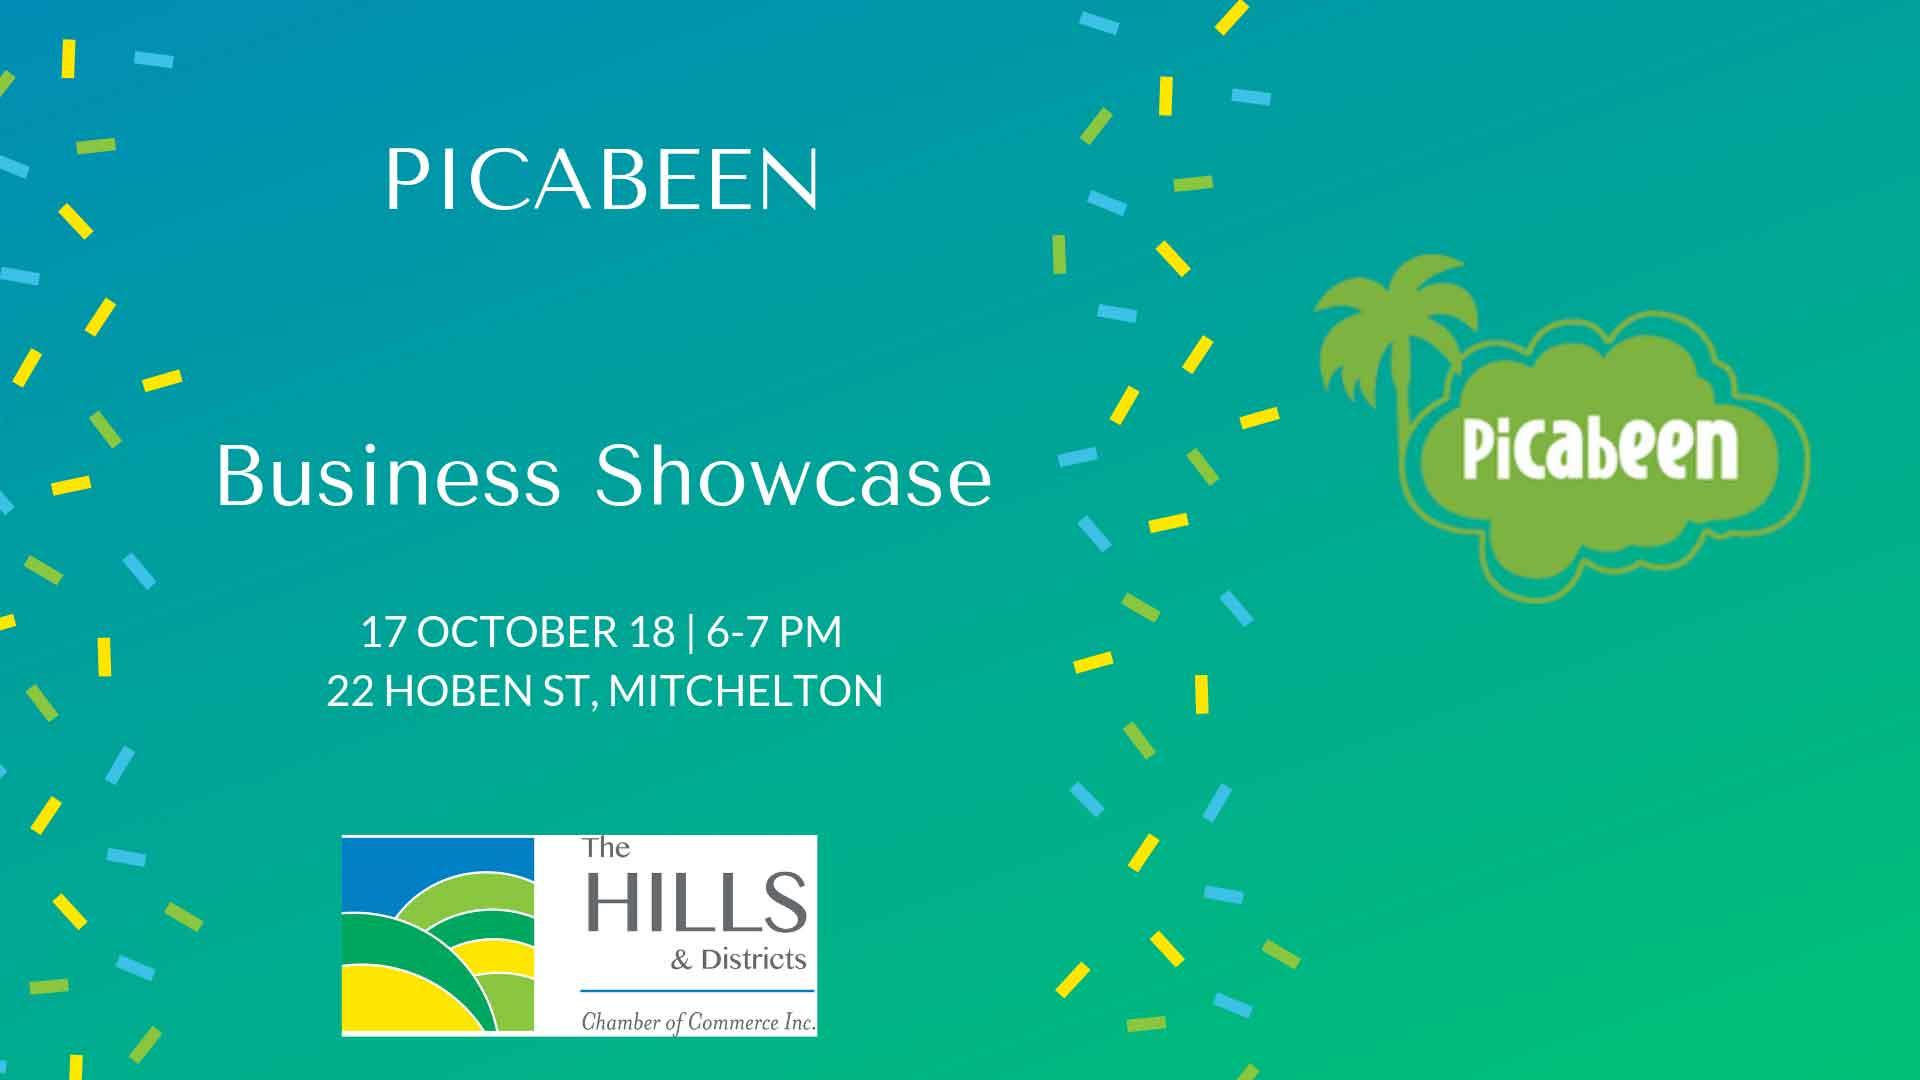 Picabeen-showcase